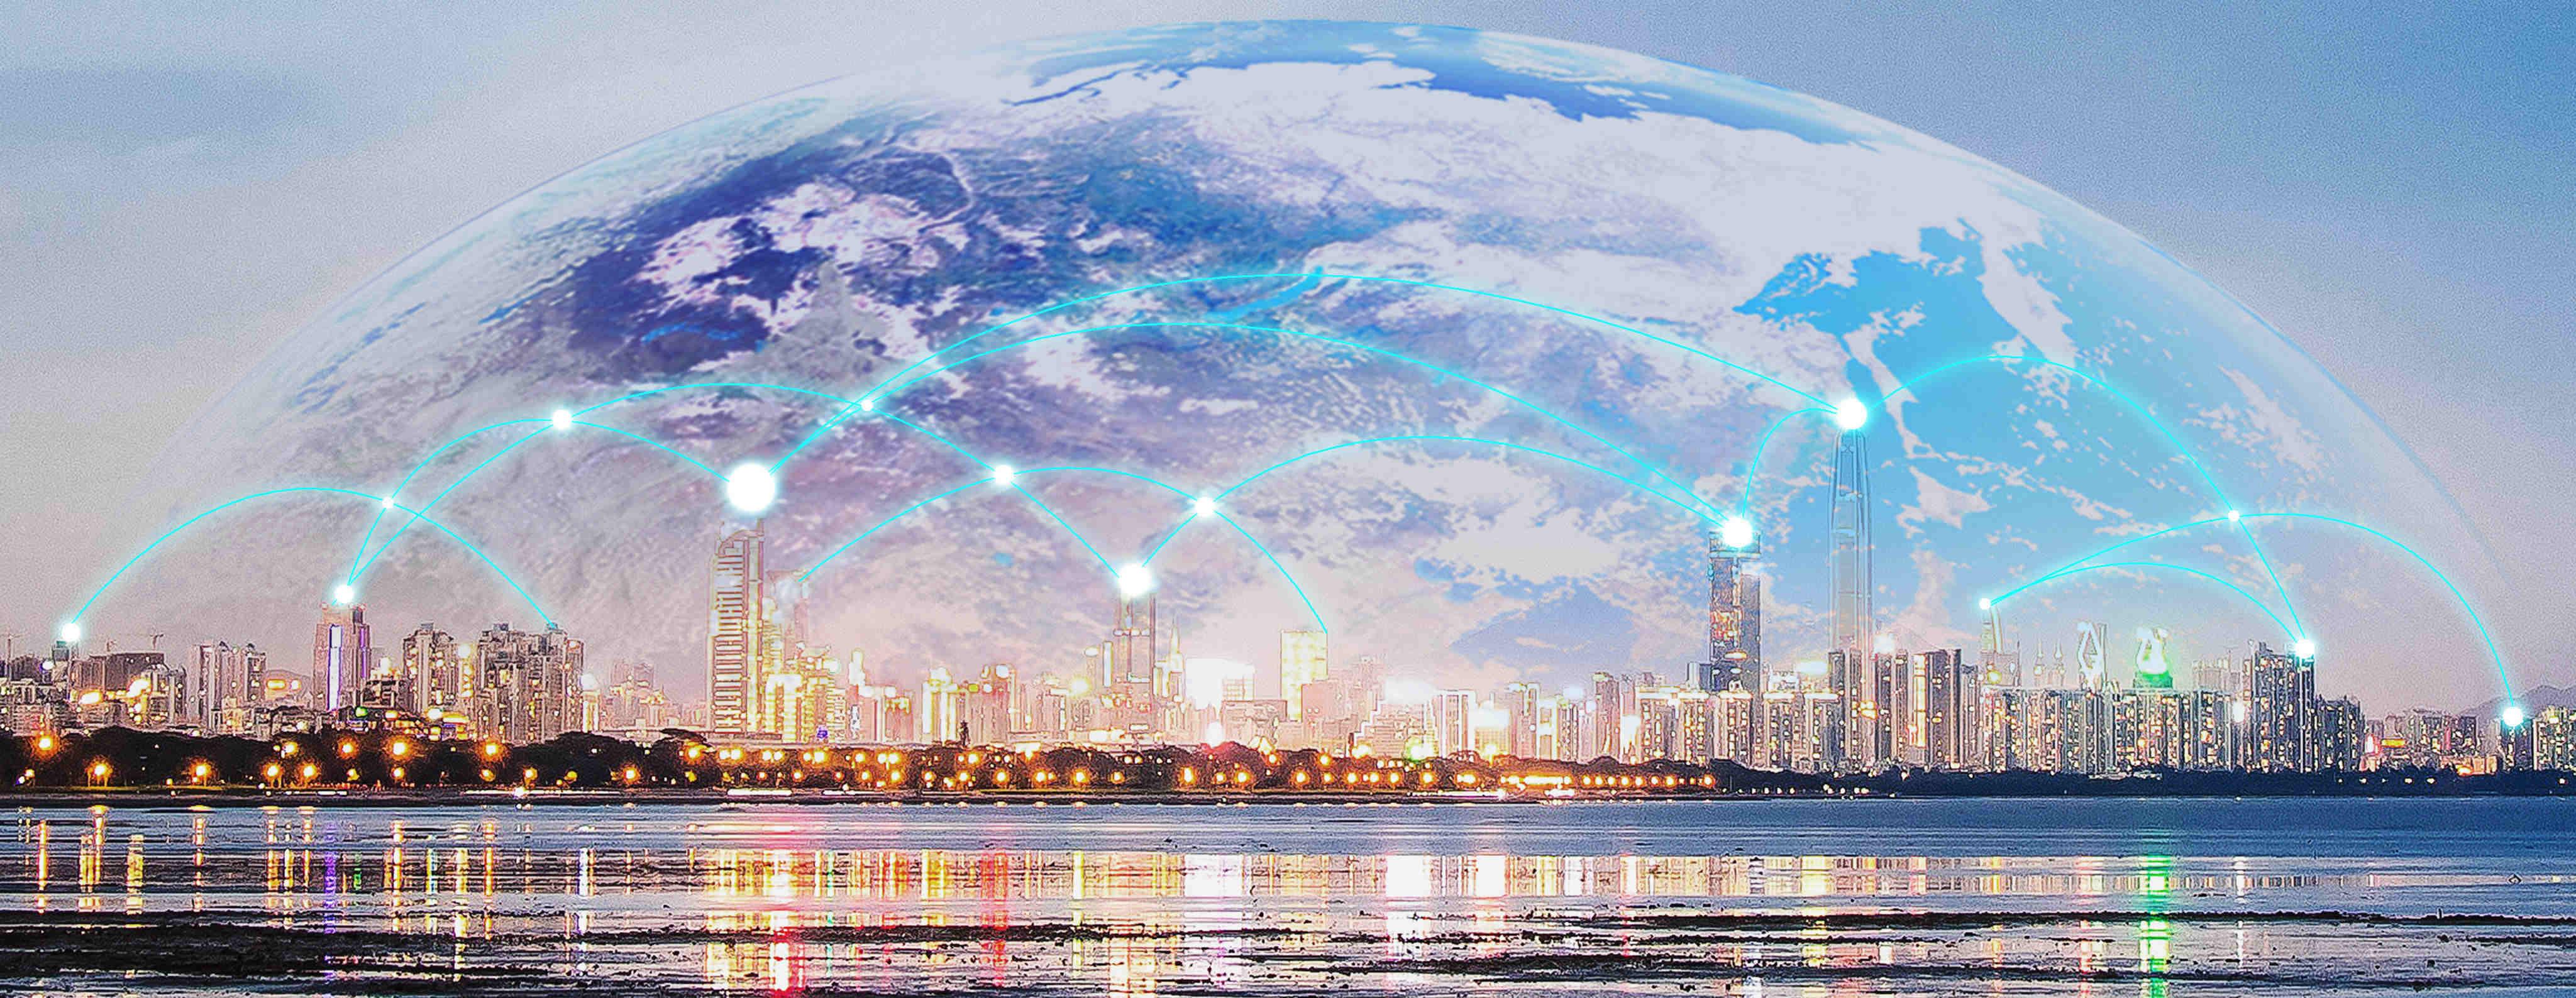 电子信息专业介绍_光电信息科学与工程专业怎么样?就业方向介绍_秦学教育